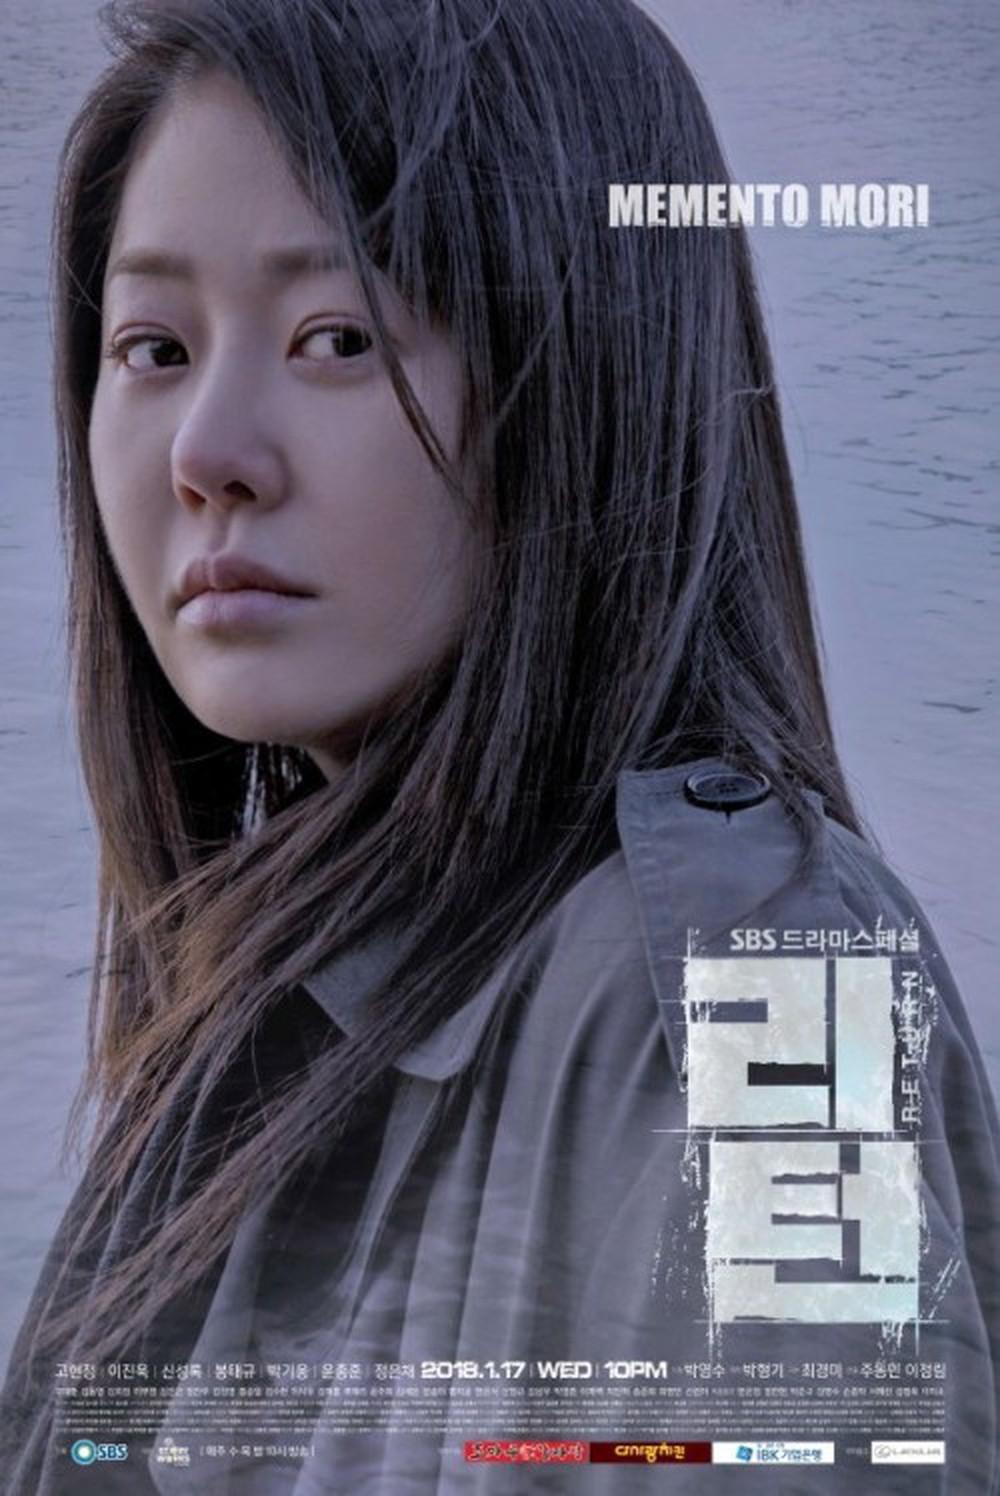 Netizen Hàn tranh cãi vì thù lao khủng của diễn viên: Sao trả nhiều thế, tăng lương cho nhân viên đoàn đi! - Ảnh 7.